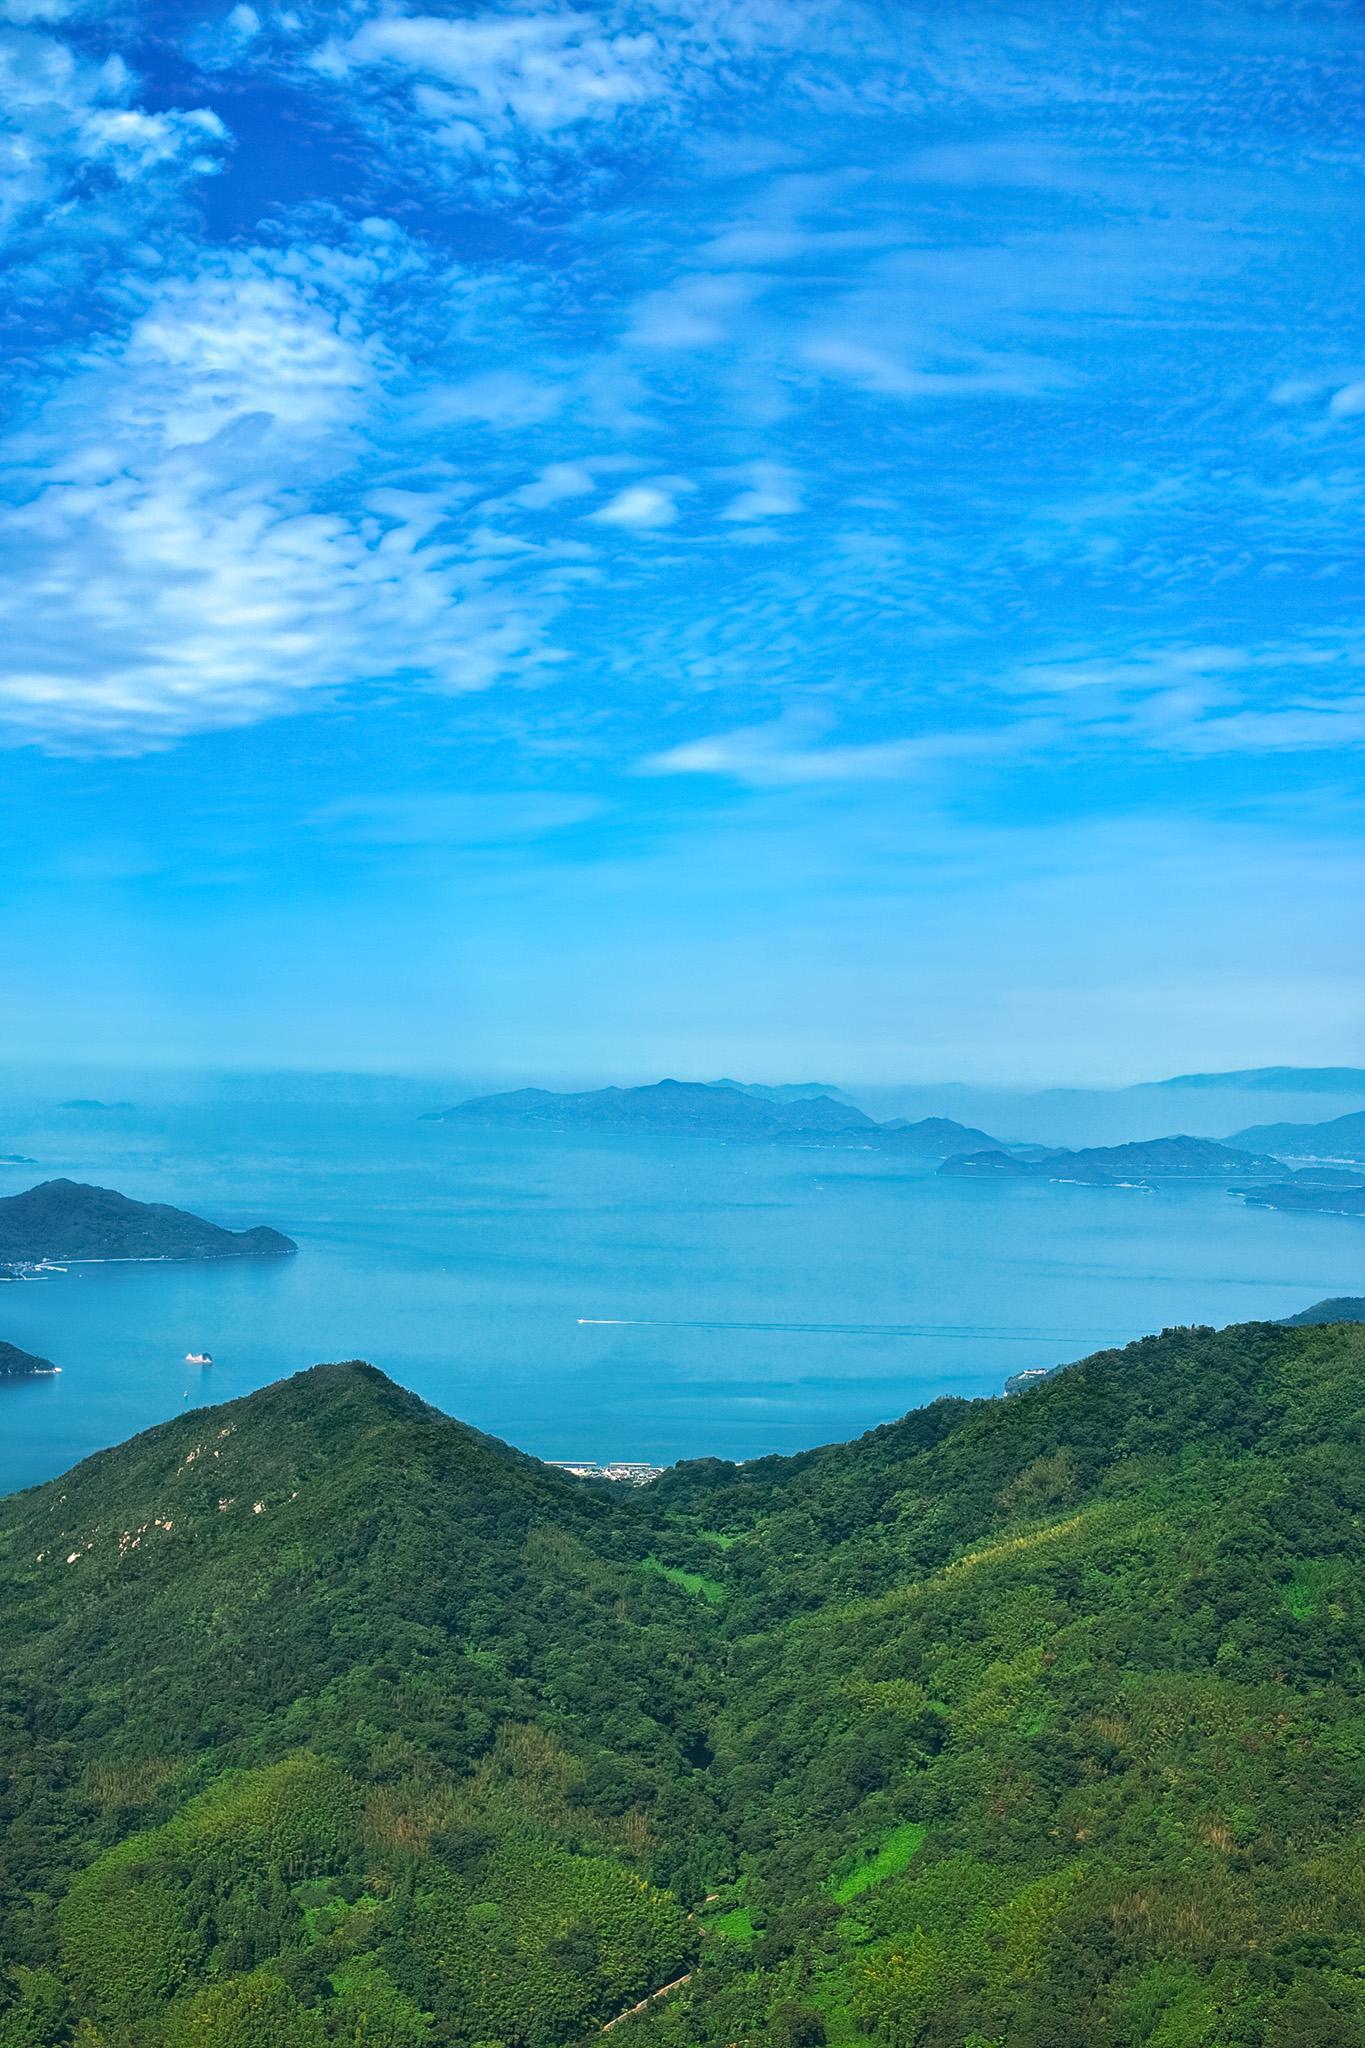 「山と海と島」の素材を無料ダウンロード